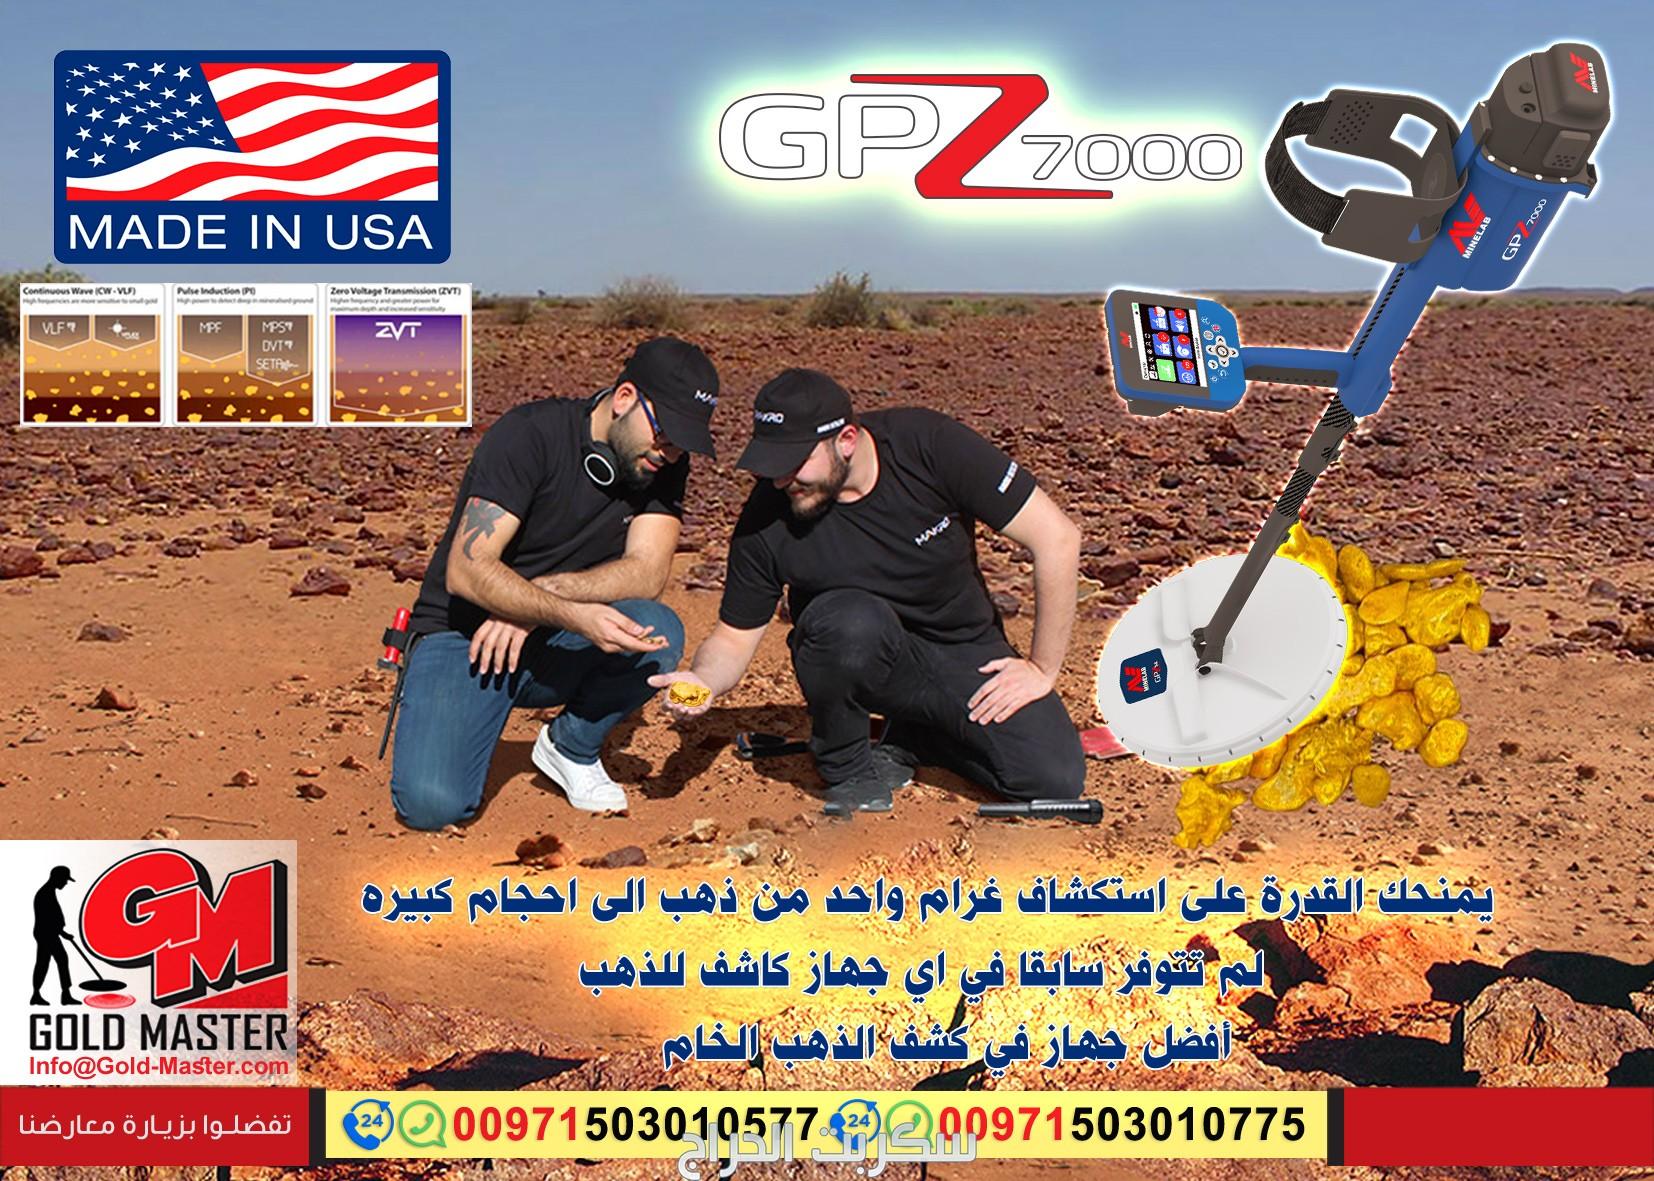 جهاز كشف الذهب جي بي زد 7000   GPZ 7000